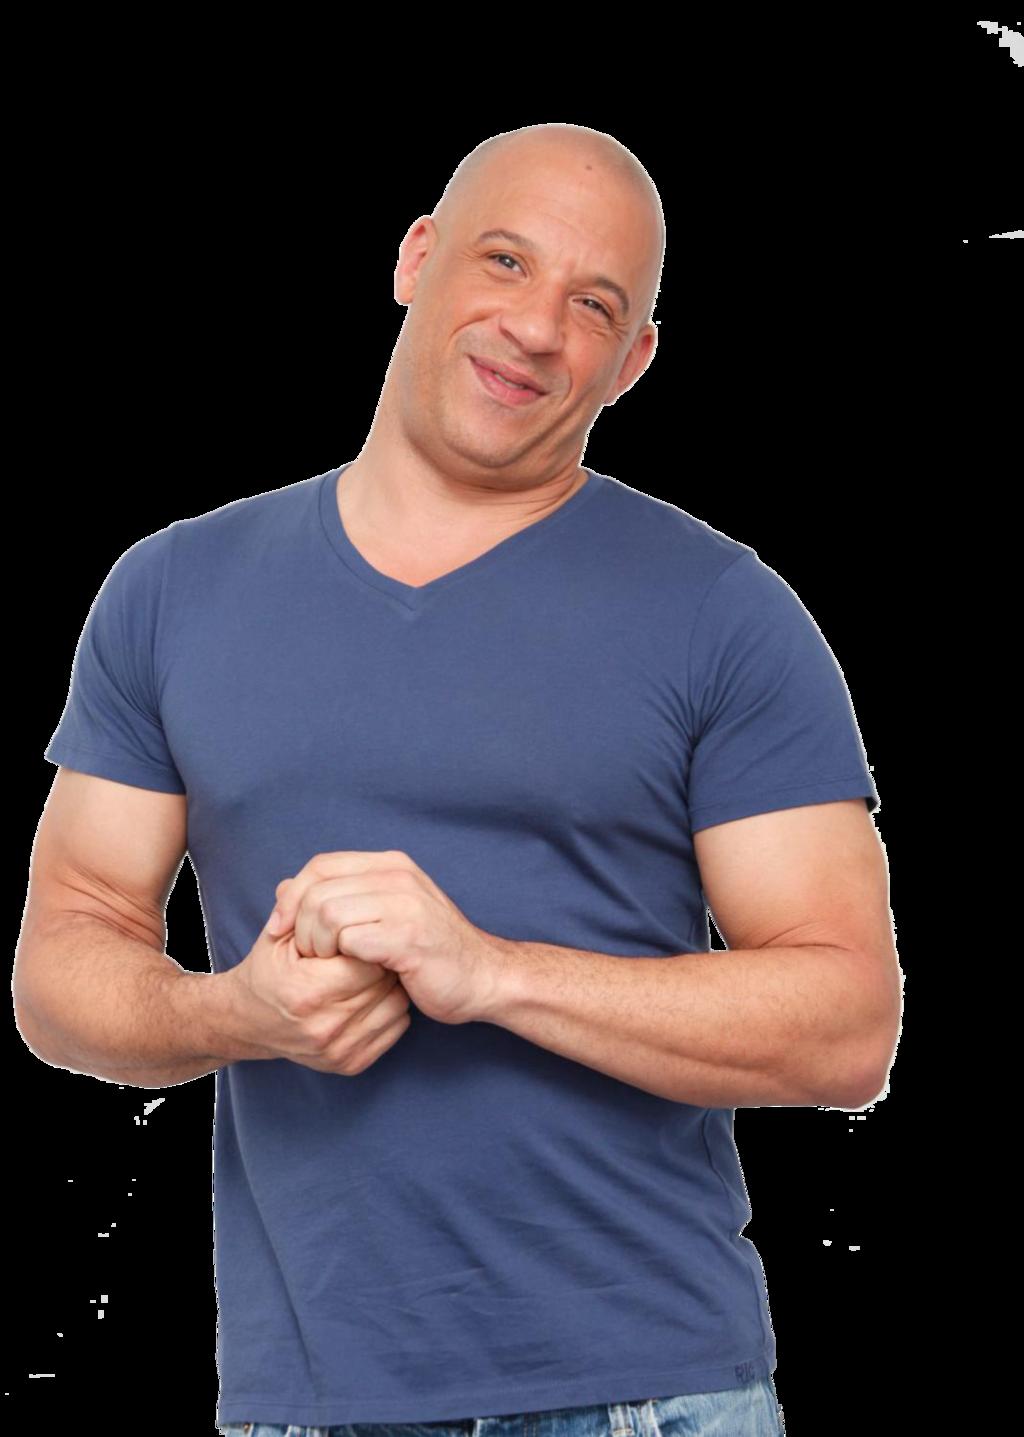 Vin Diesel PNG Transparent Image